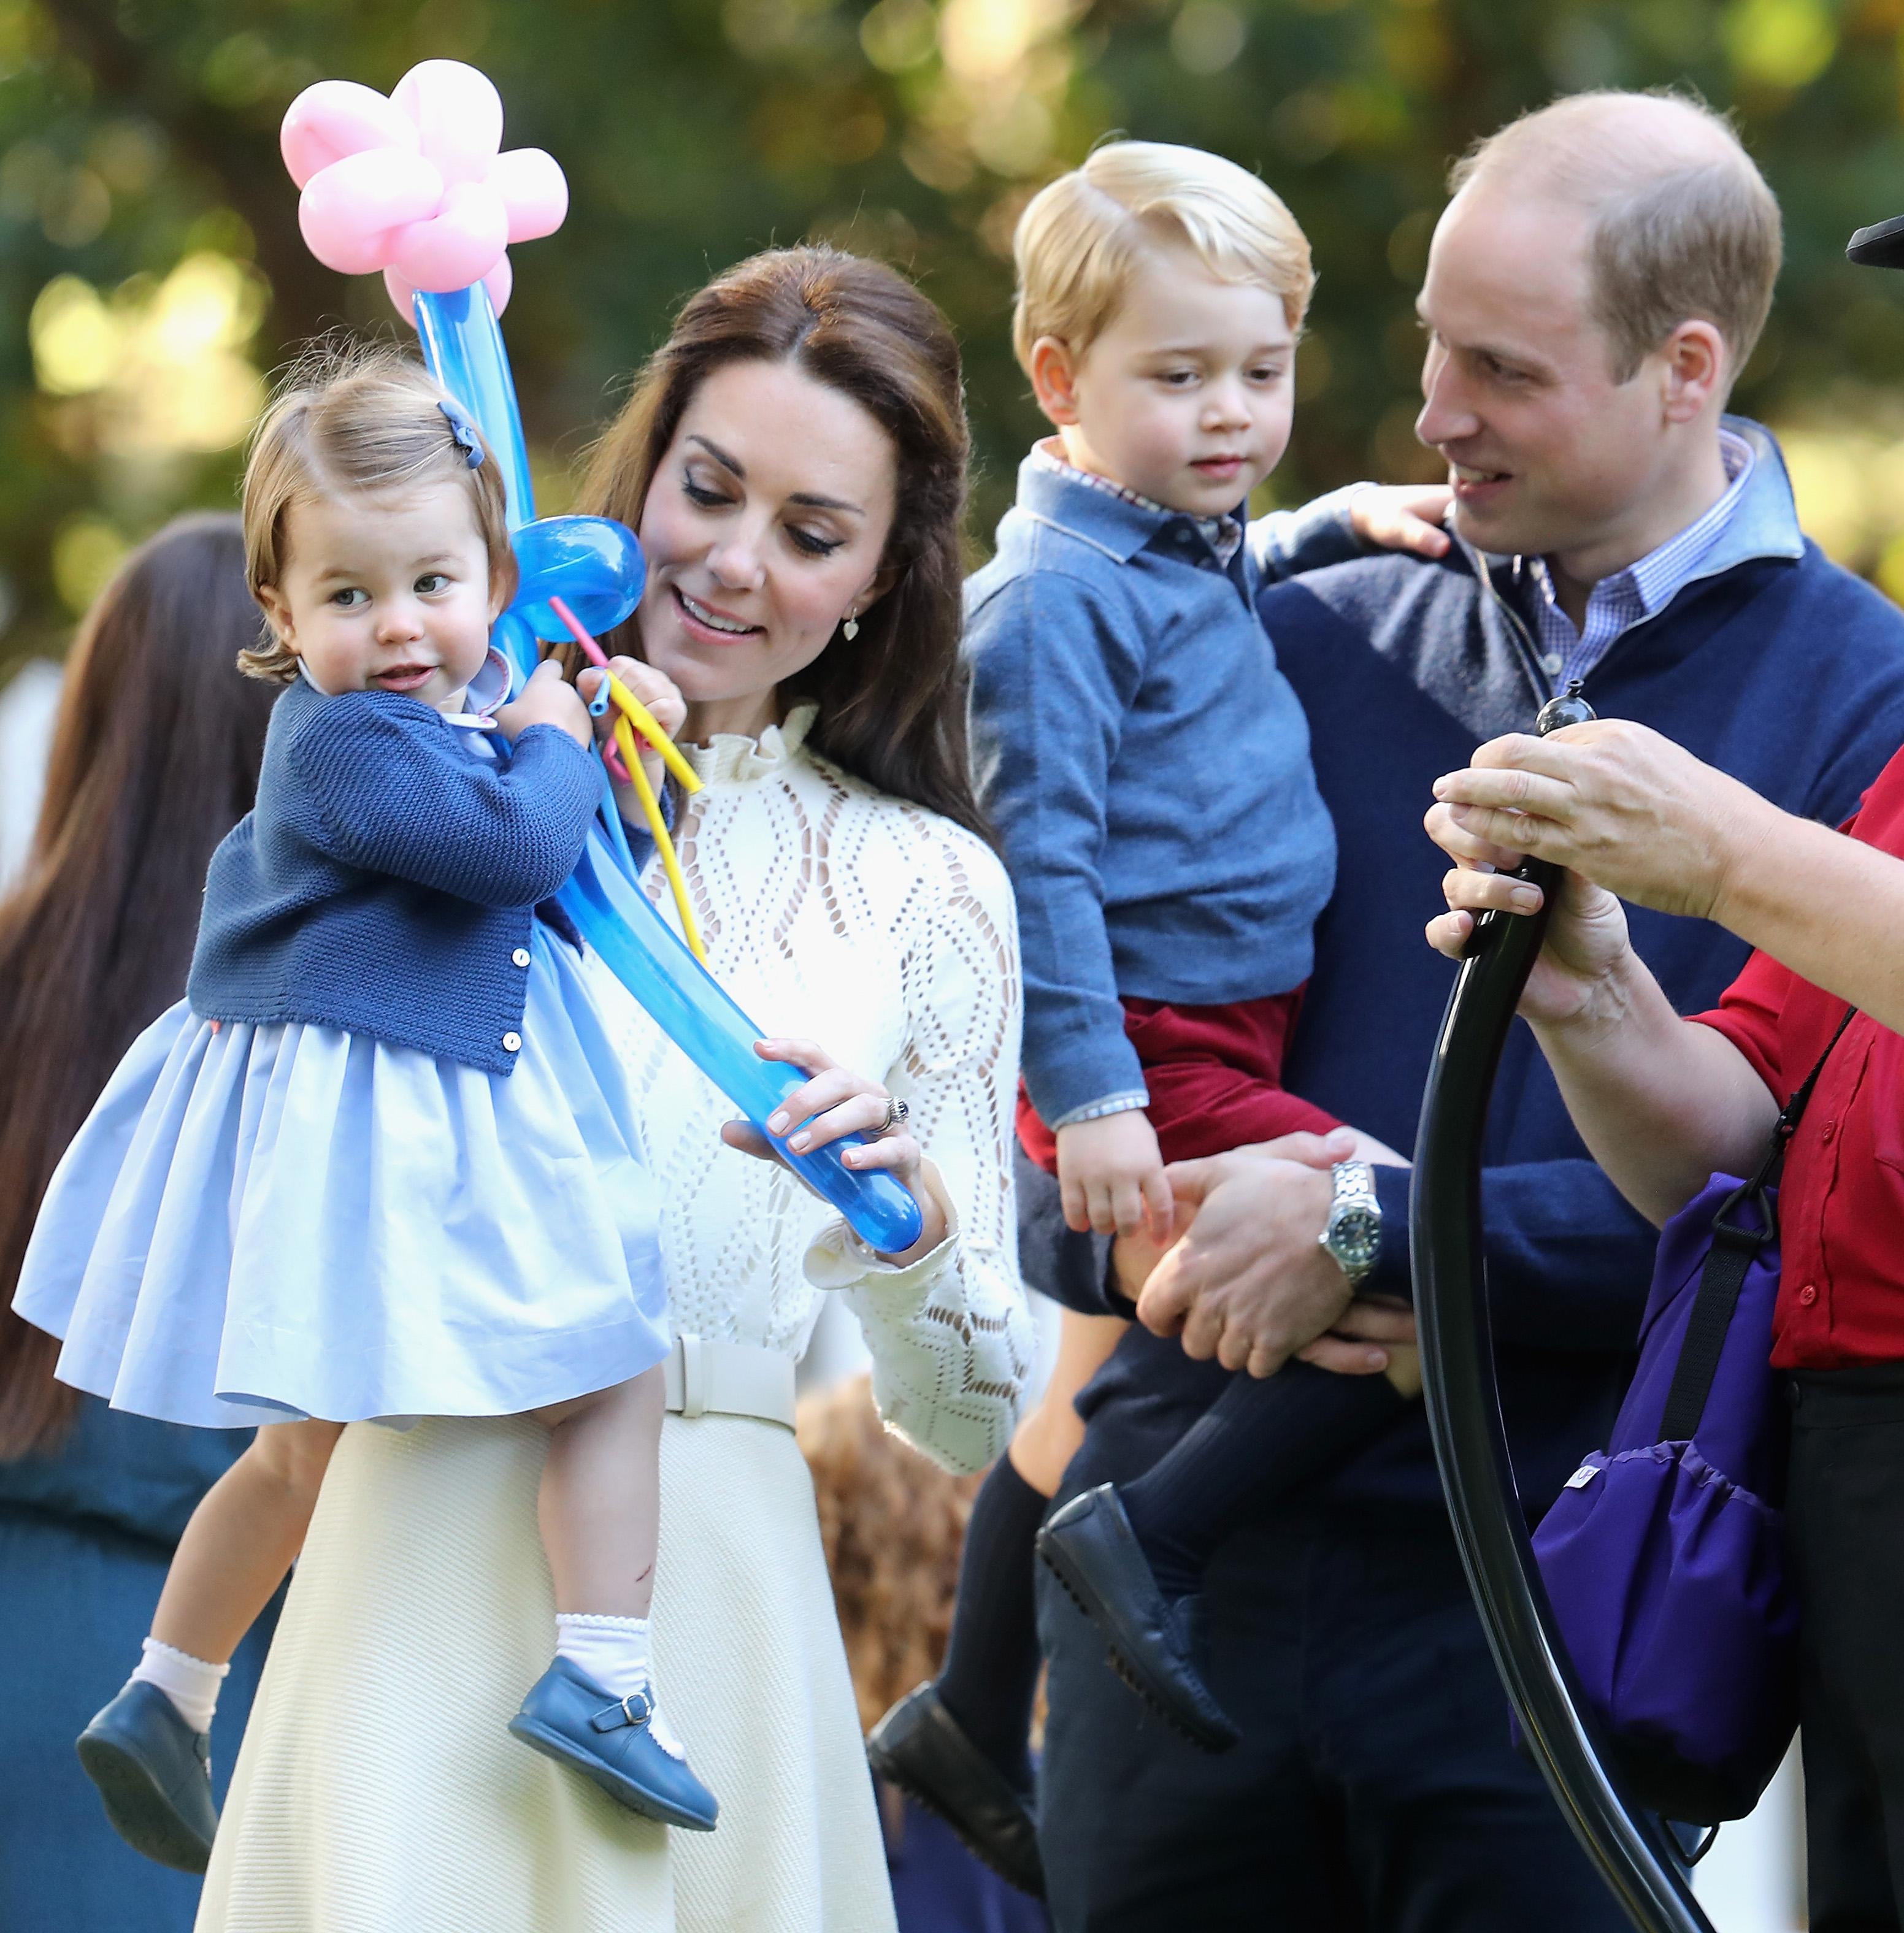 Le foto del Principe George e della Principessa Charlotte